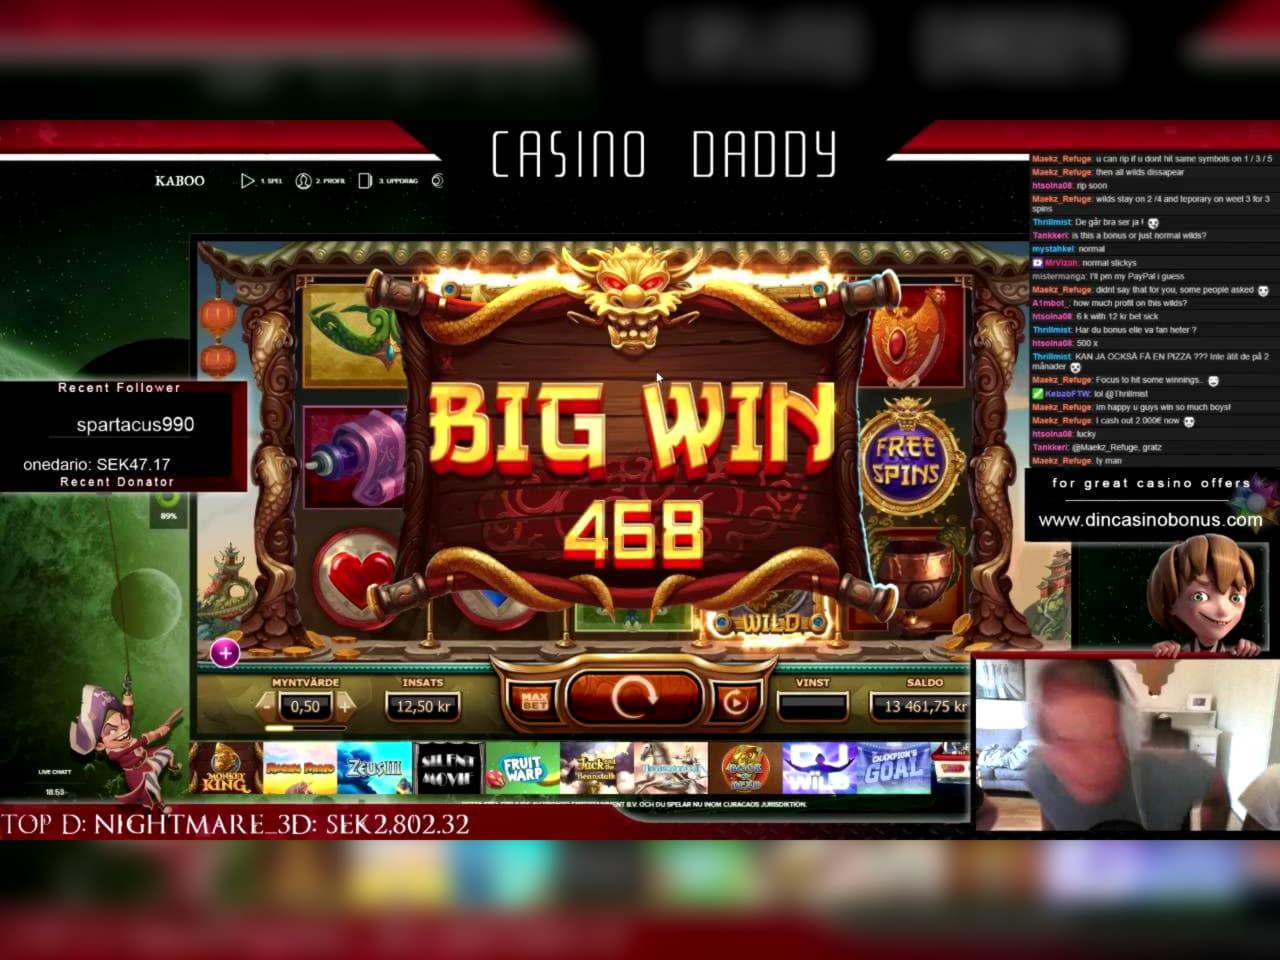 Eur 1635 No deposit bonus casino at Casino-X